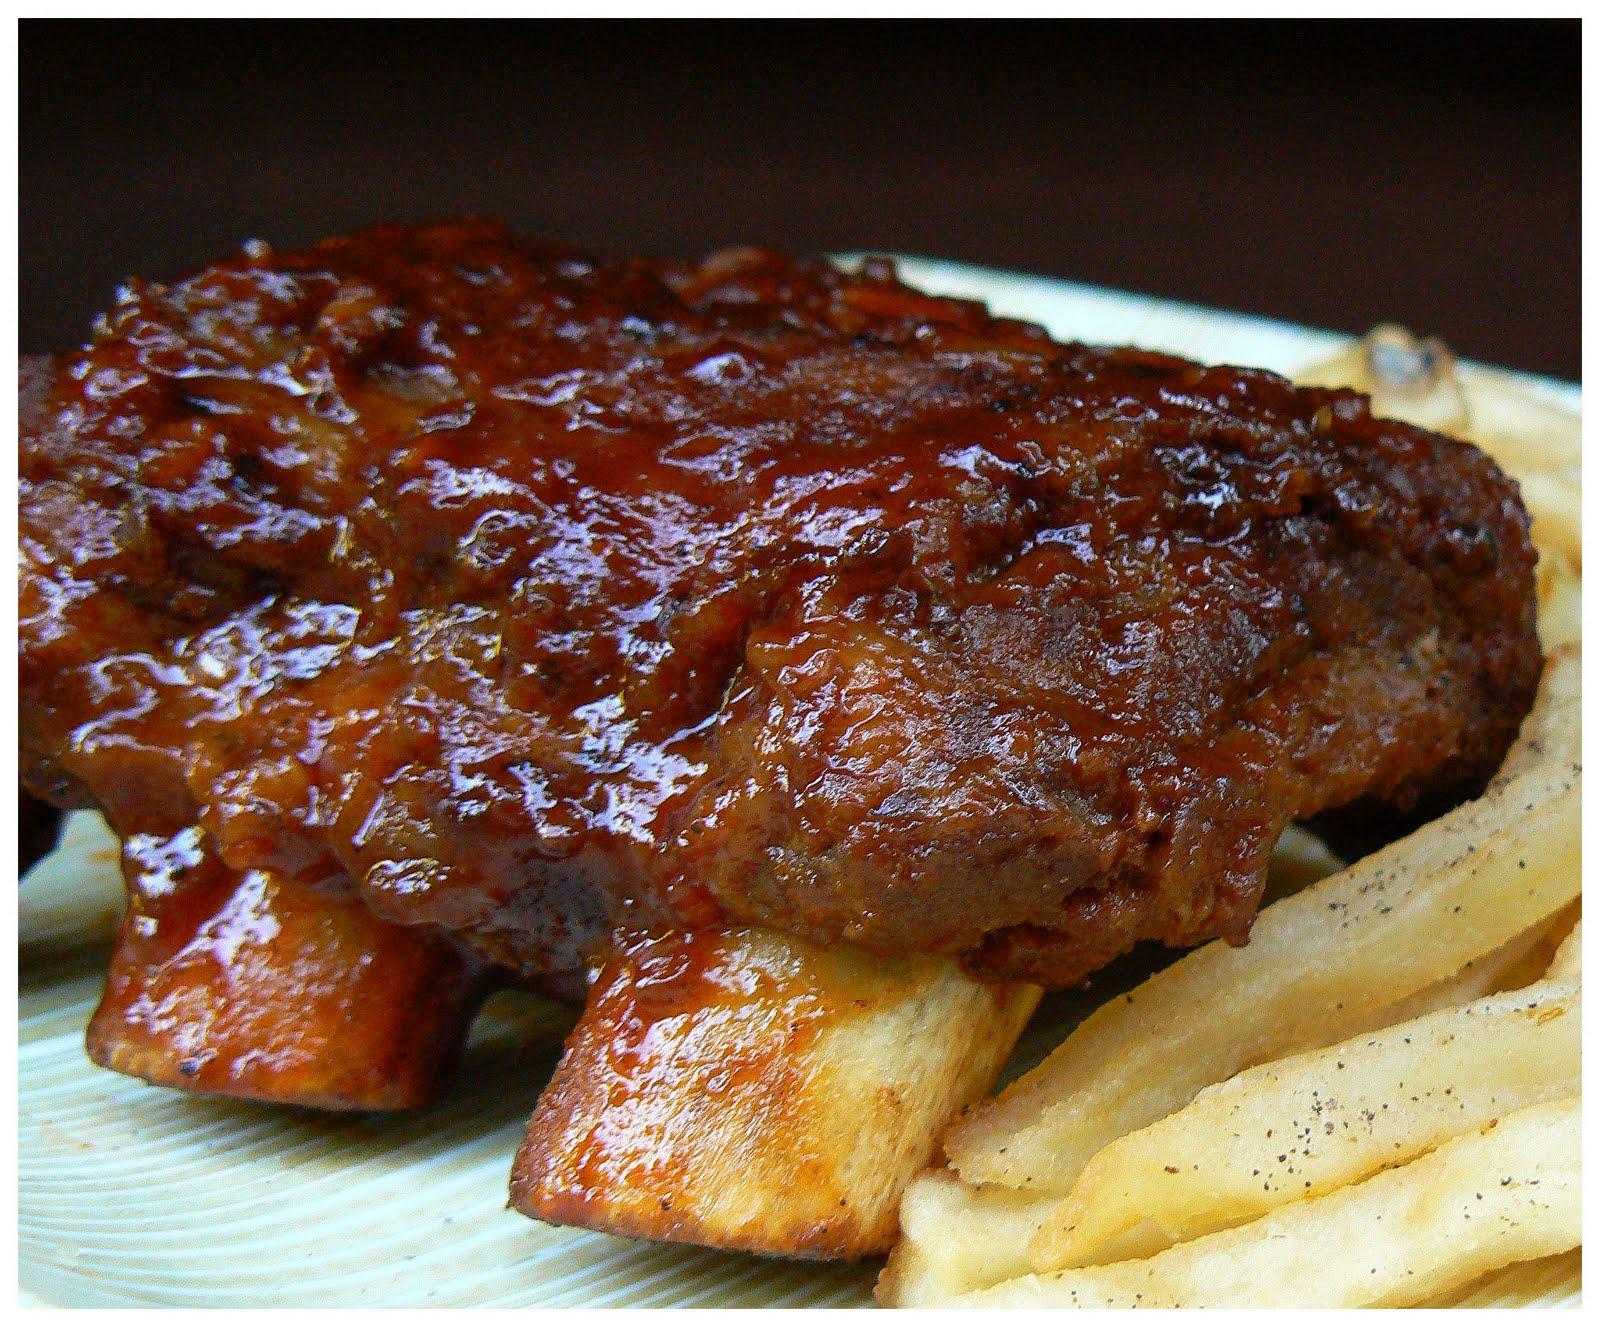 Le palais gourmand c tes lev es au cola et la sauce - Comment cuisiner des cotes de sanglier ...